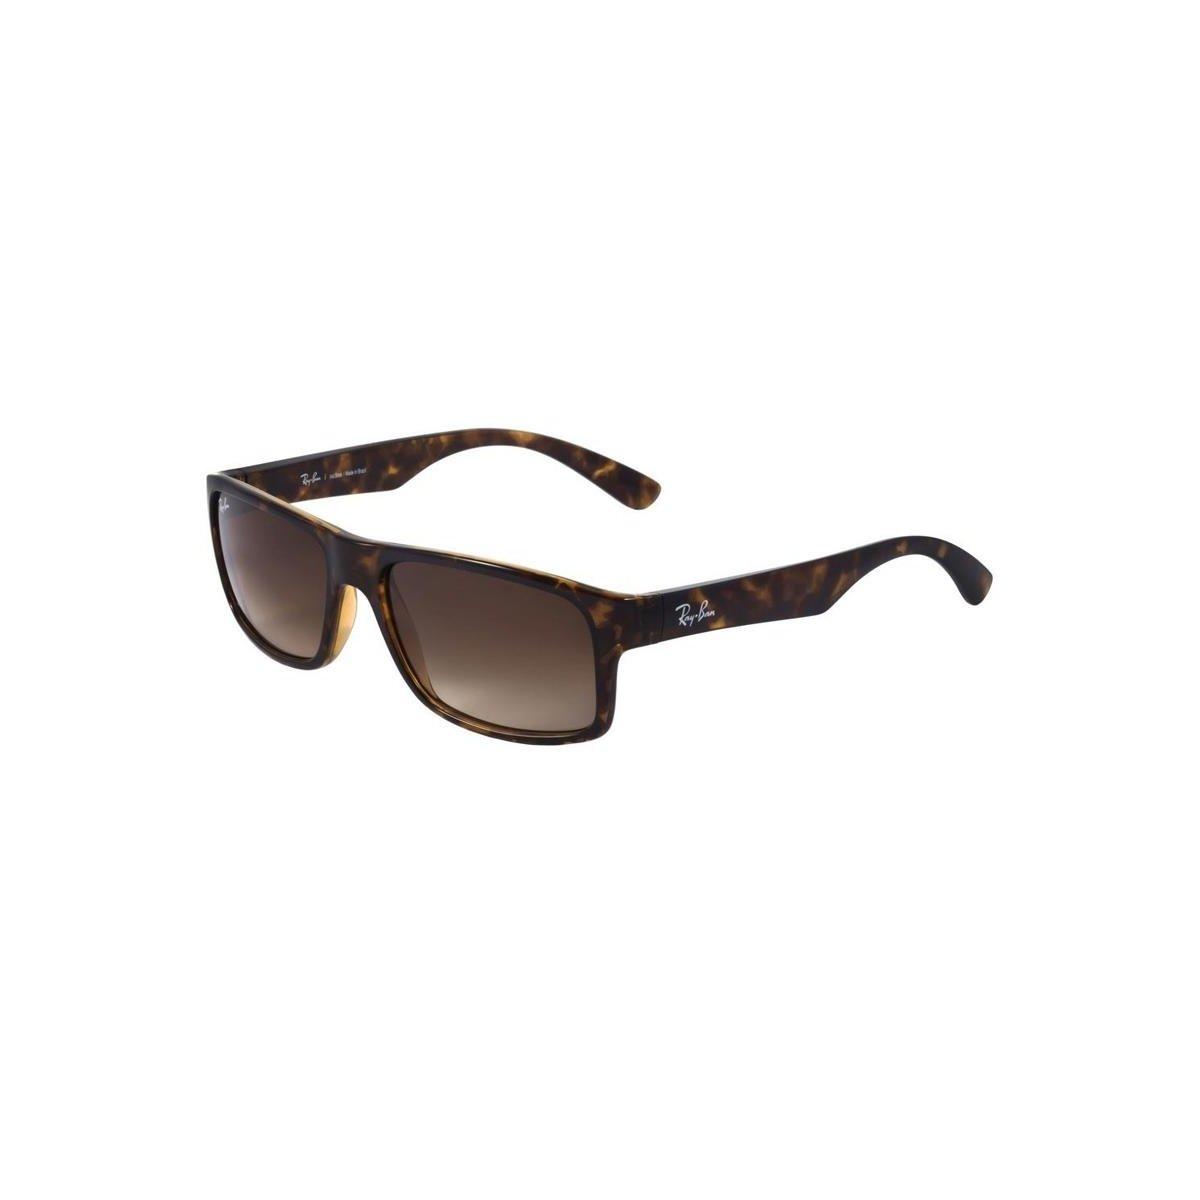 Óculos de Sol Ray Ban - Compre Agora   Netshoes 9e238cb831